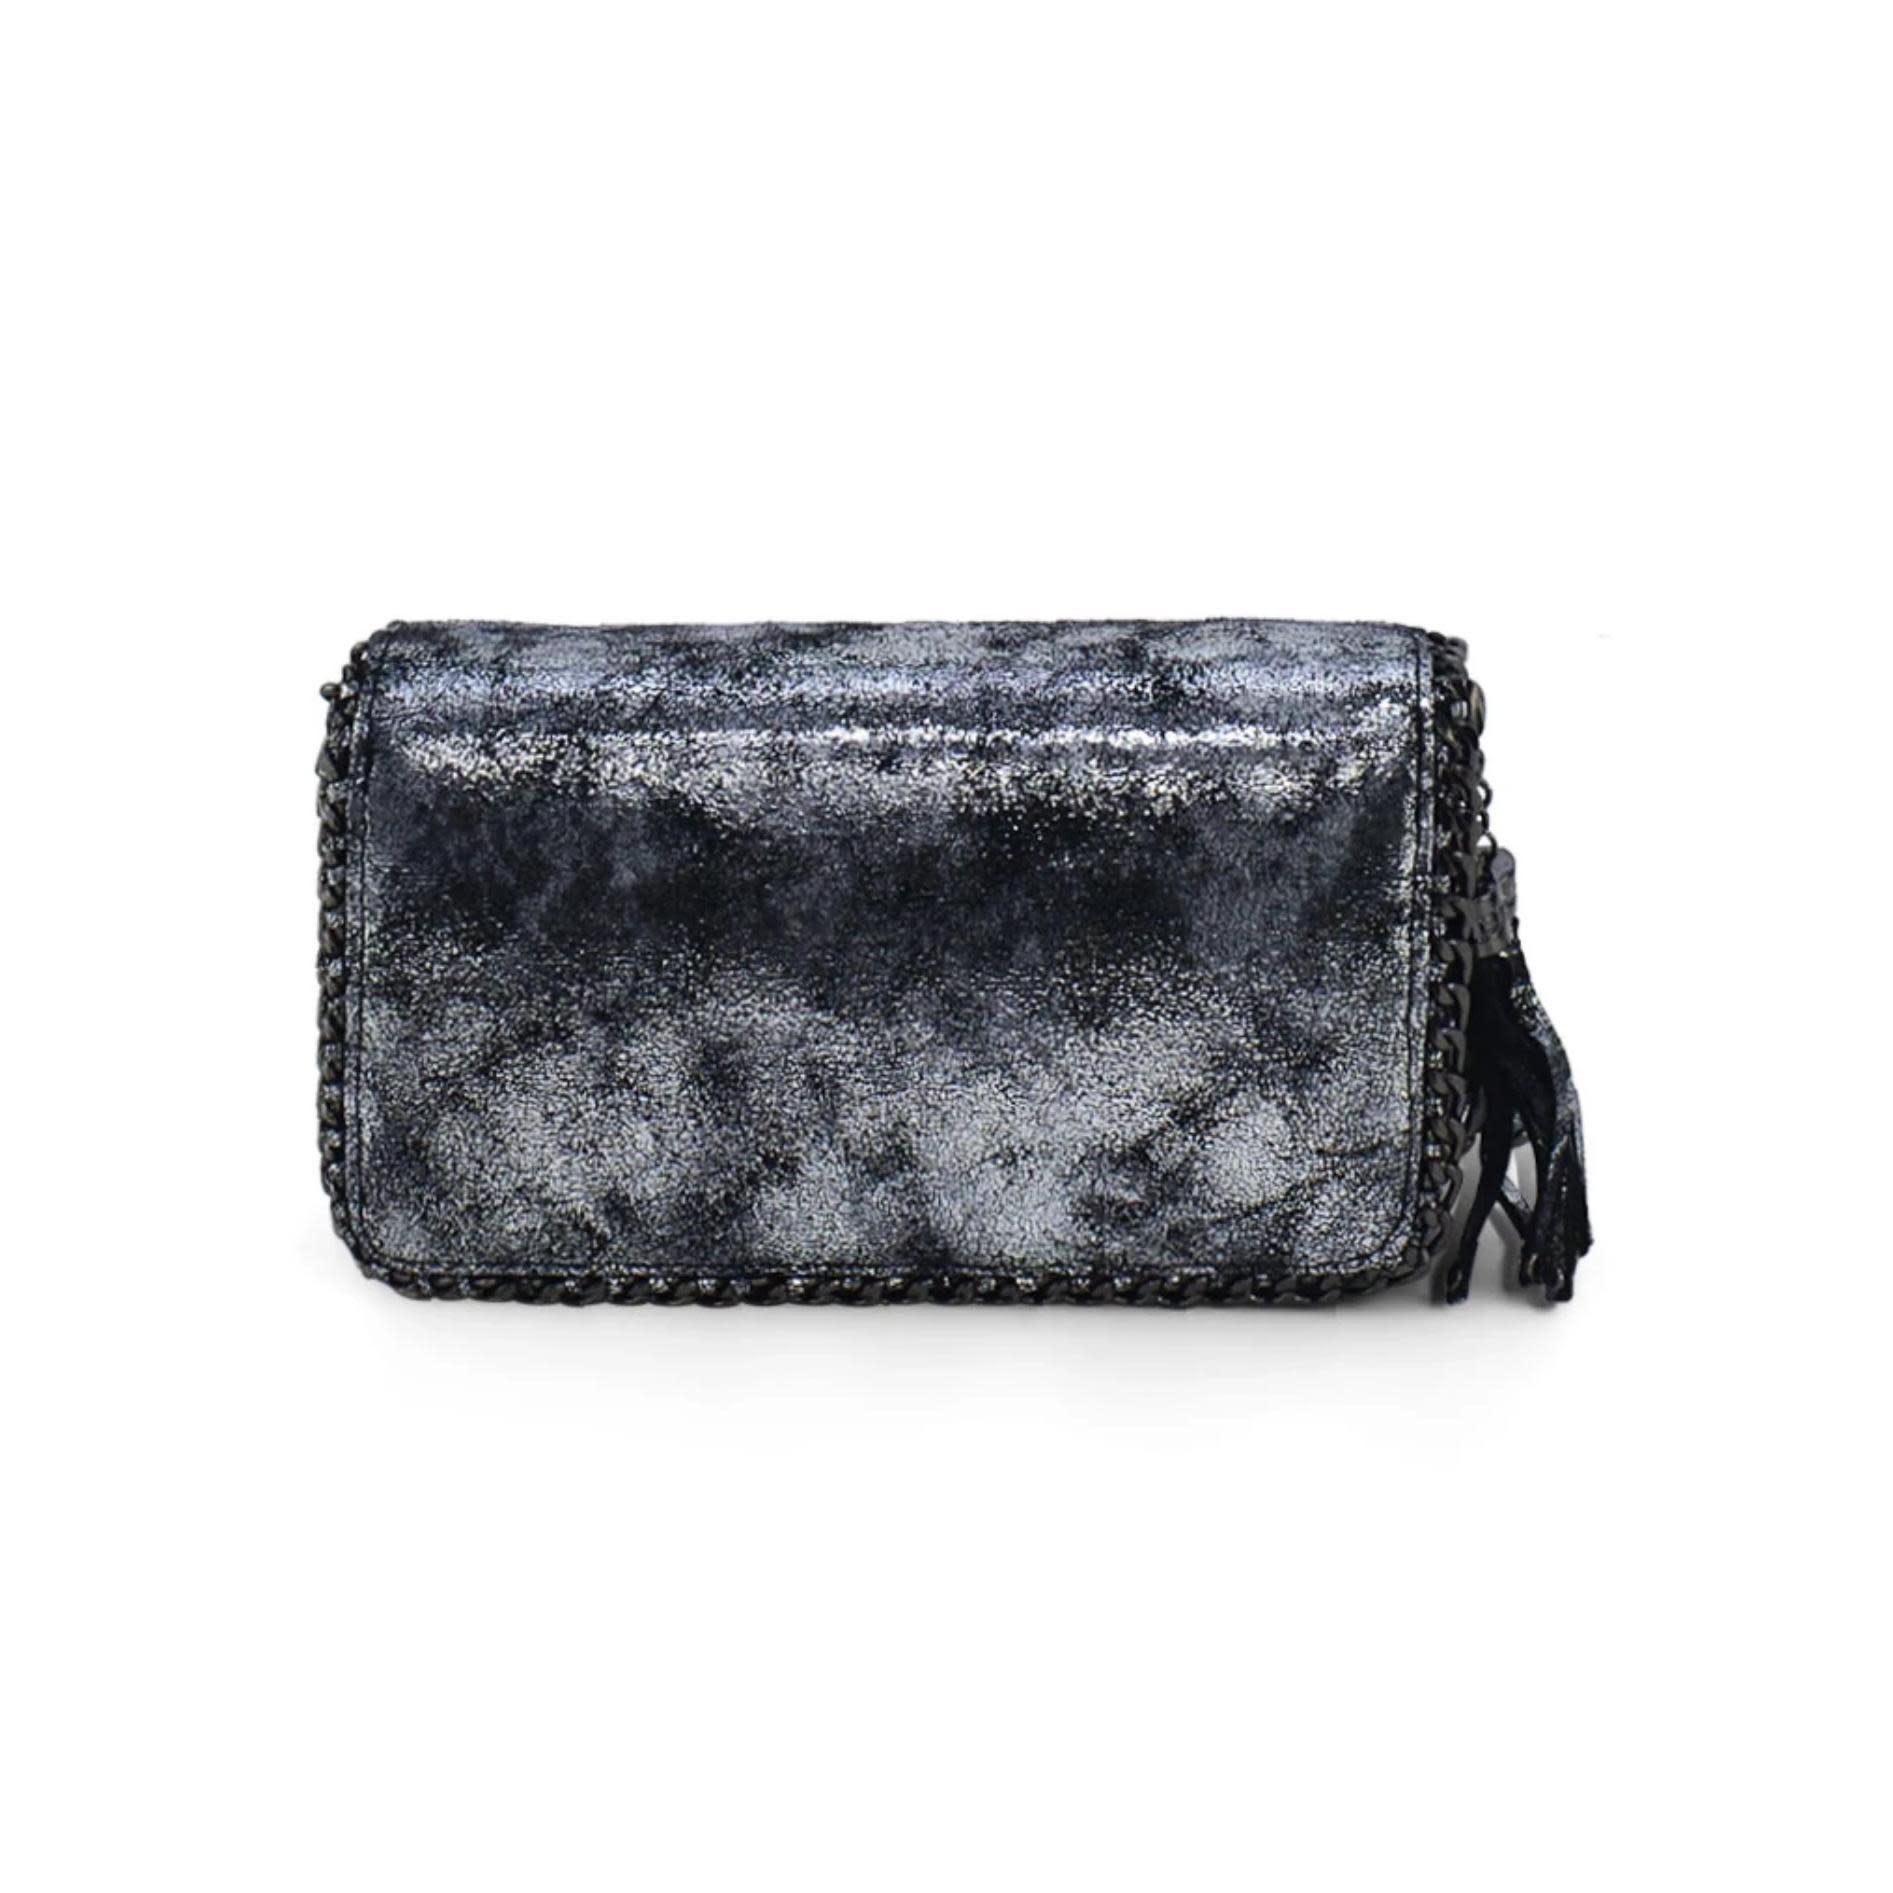 Silver Double Clutch Wallet